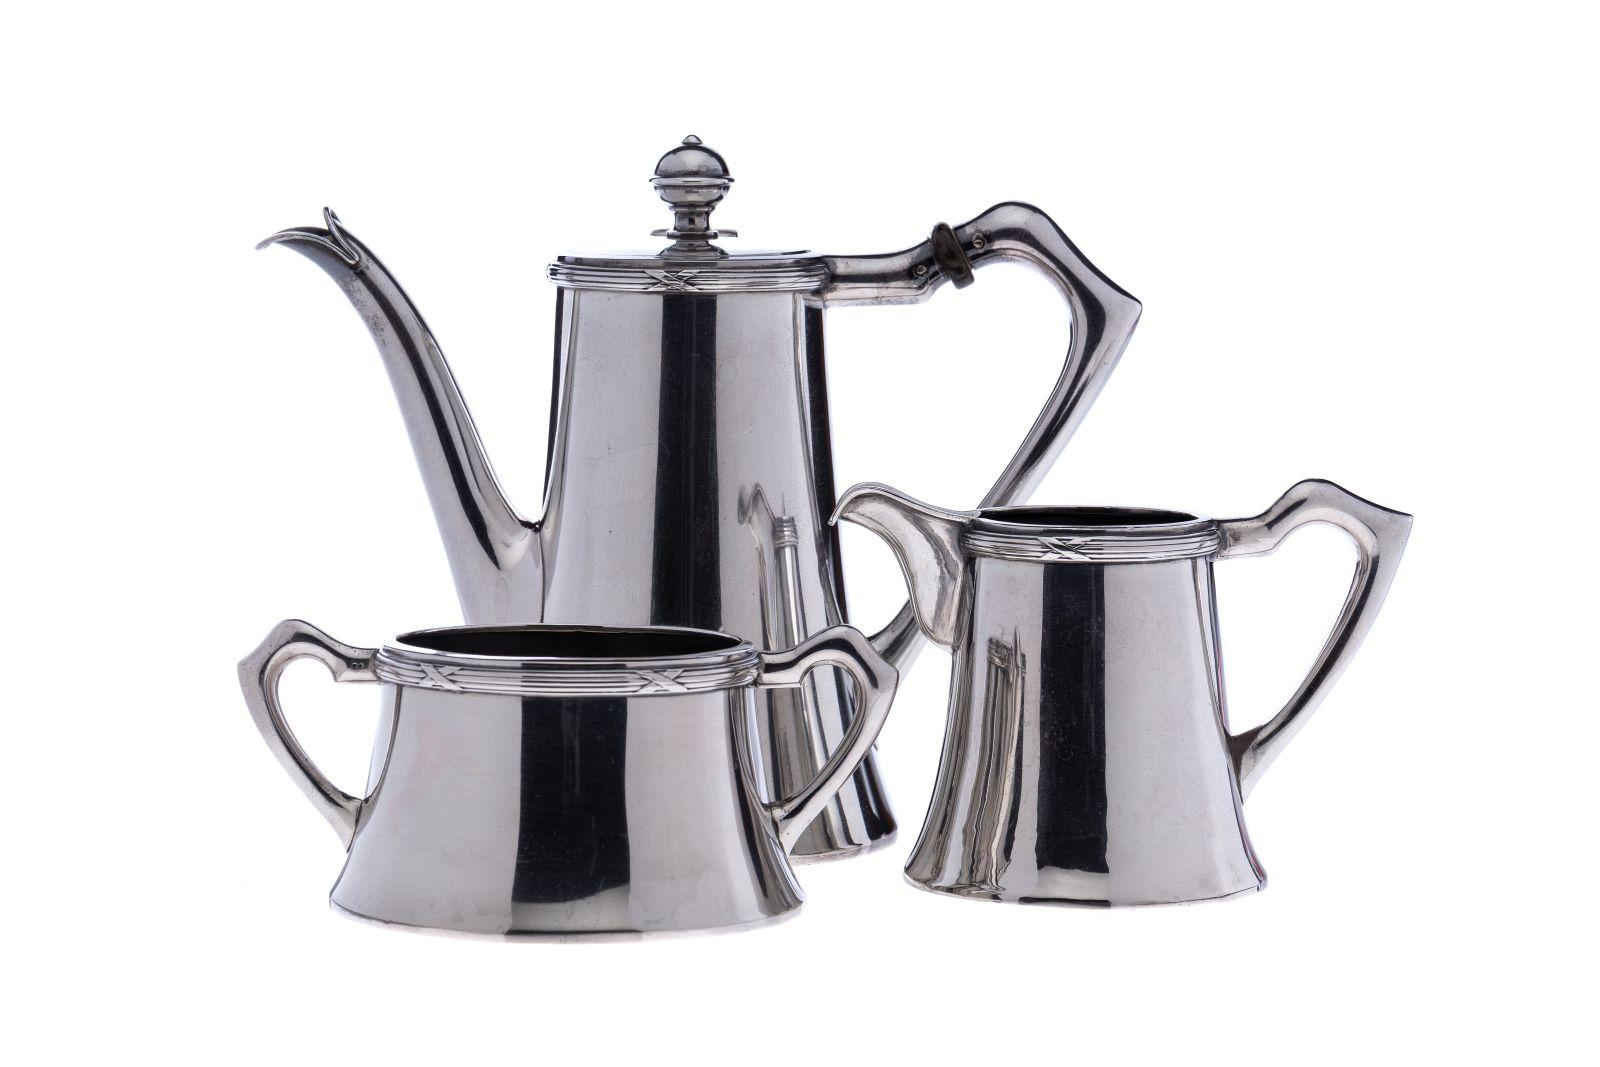 #62 Coffee pot, milk jug, sugar bowl without lid |Kaffekanne, Milchkanne, Zuckerdose ohne Deckel Image